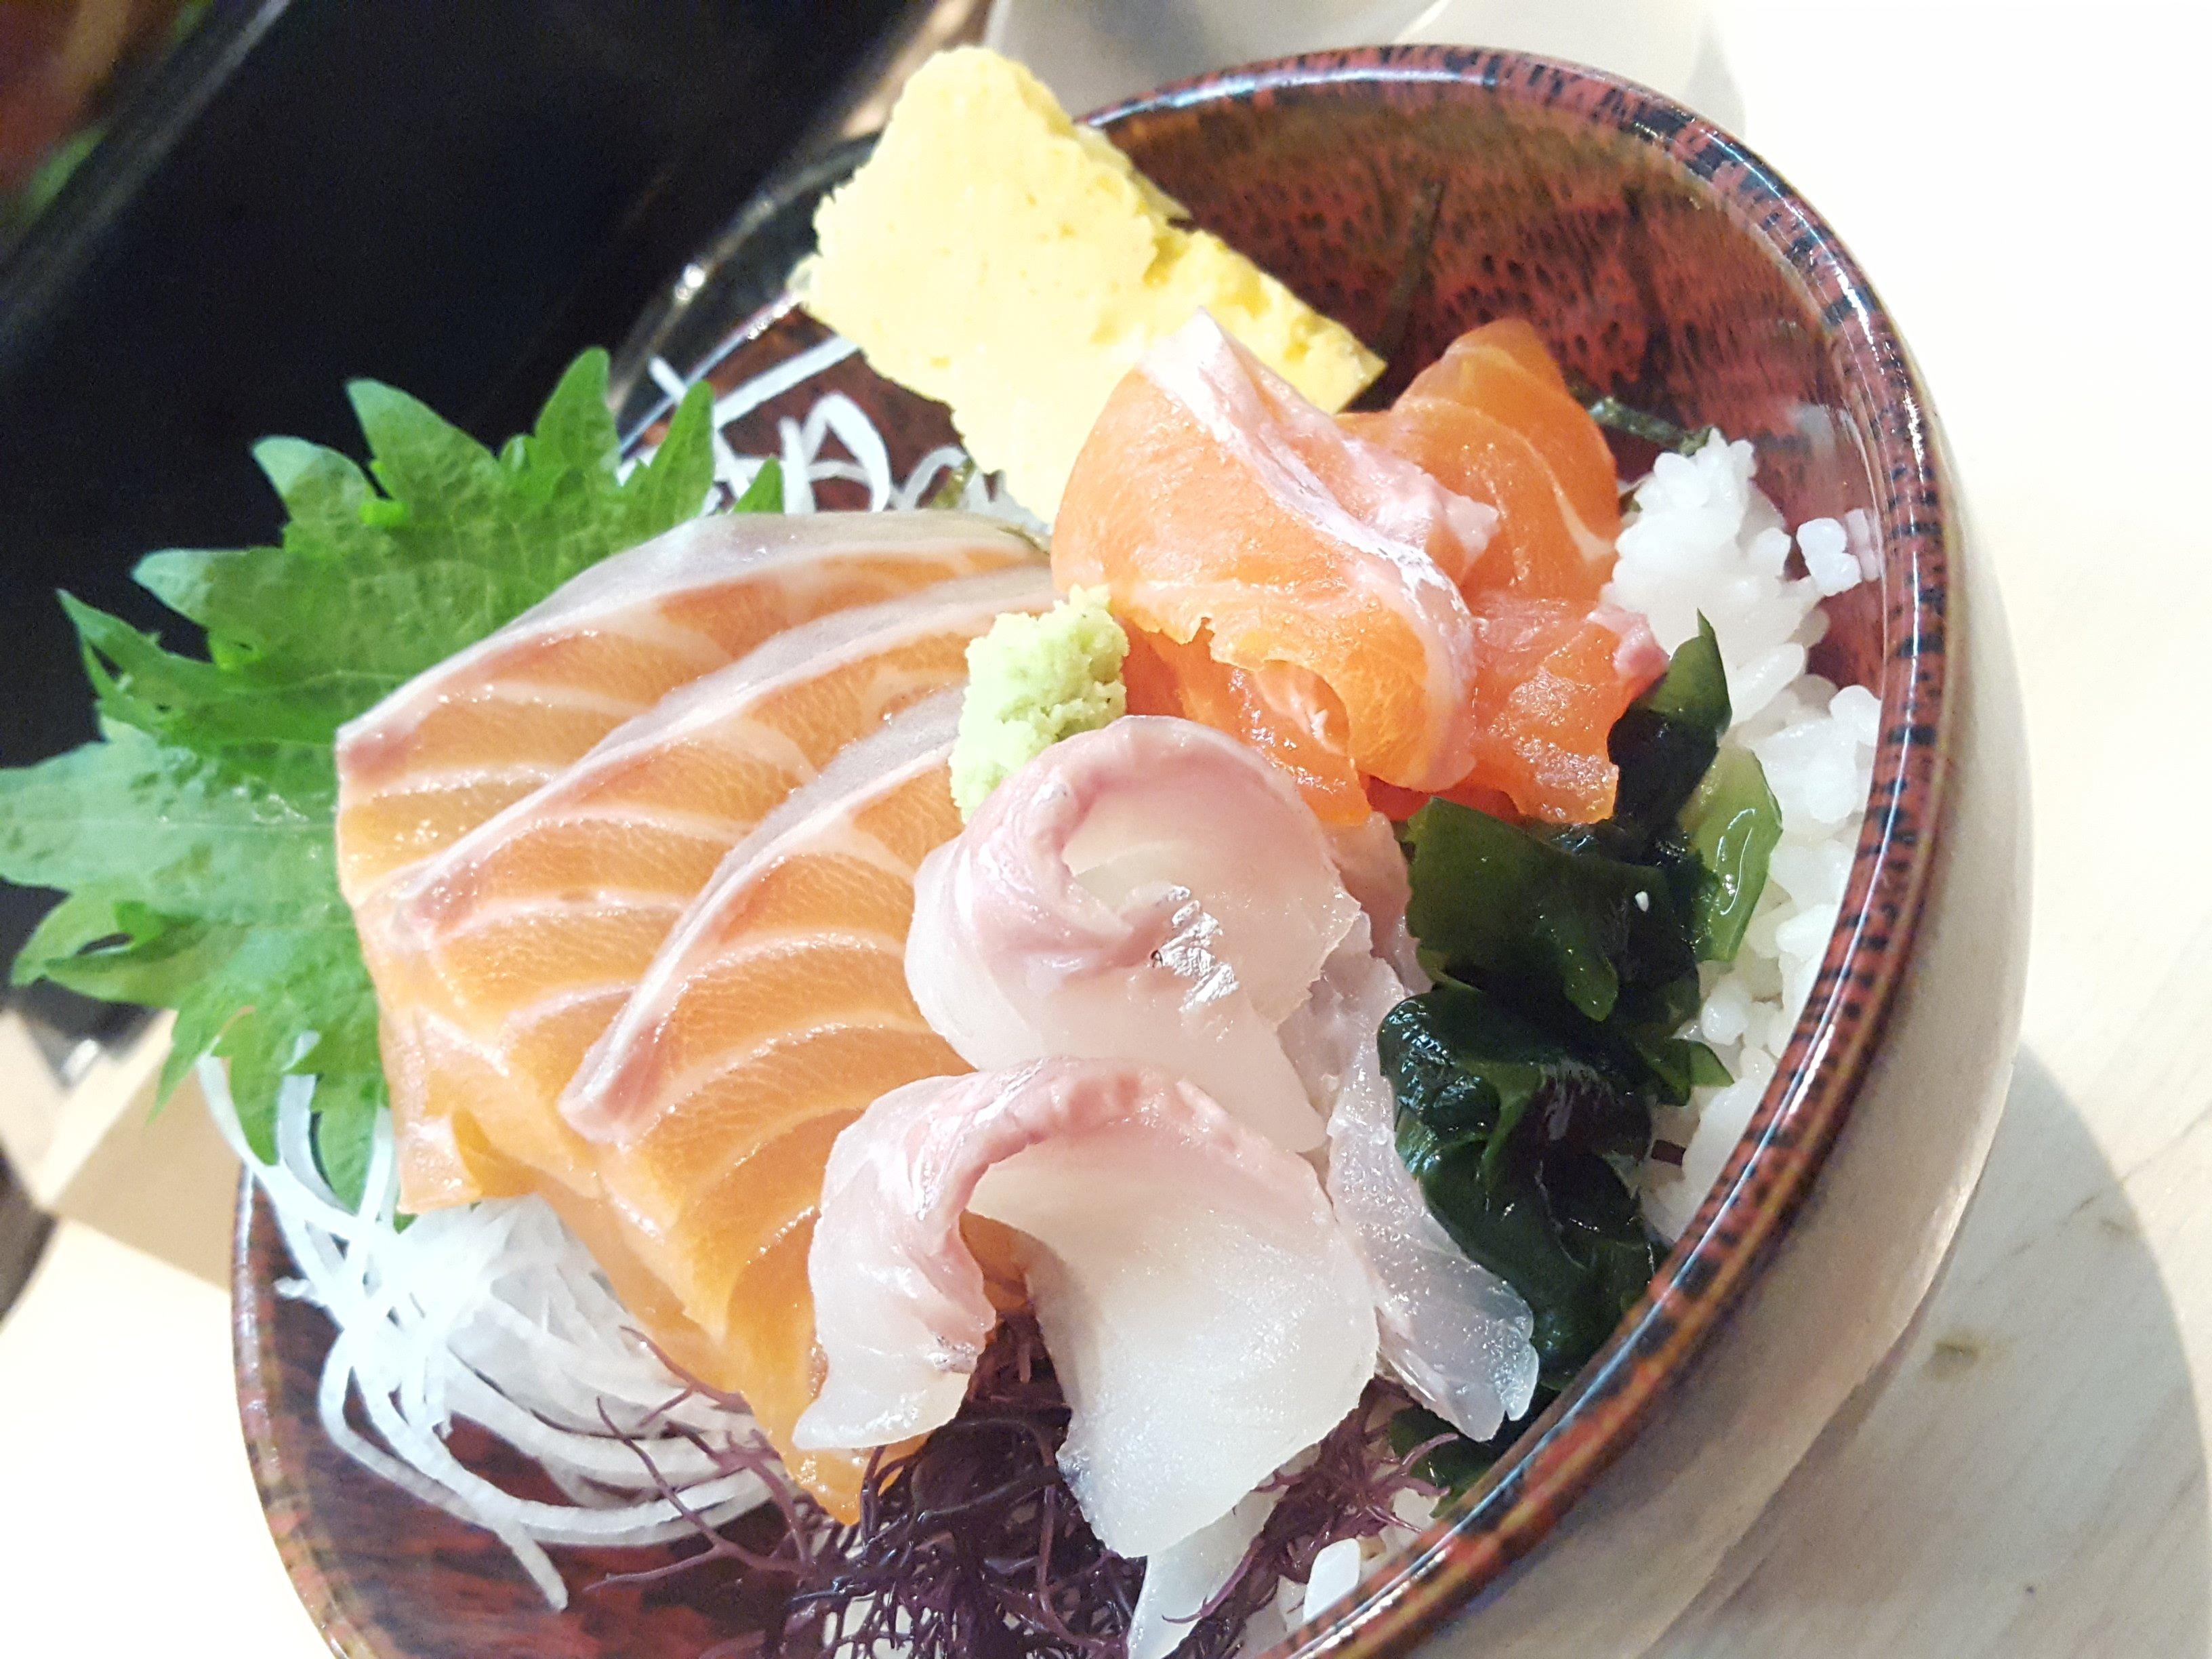 原宿のサーモン丼美味しかったなー♥熊だっていうお店。ま…